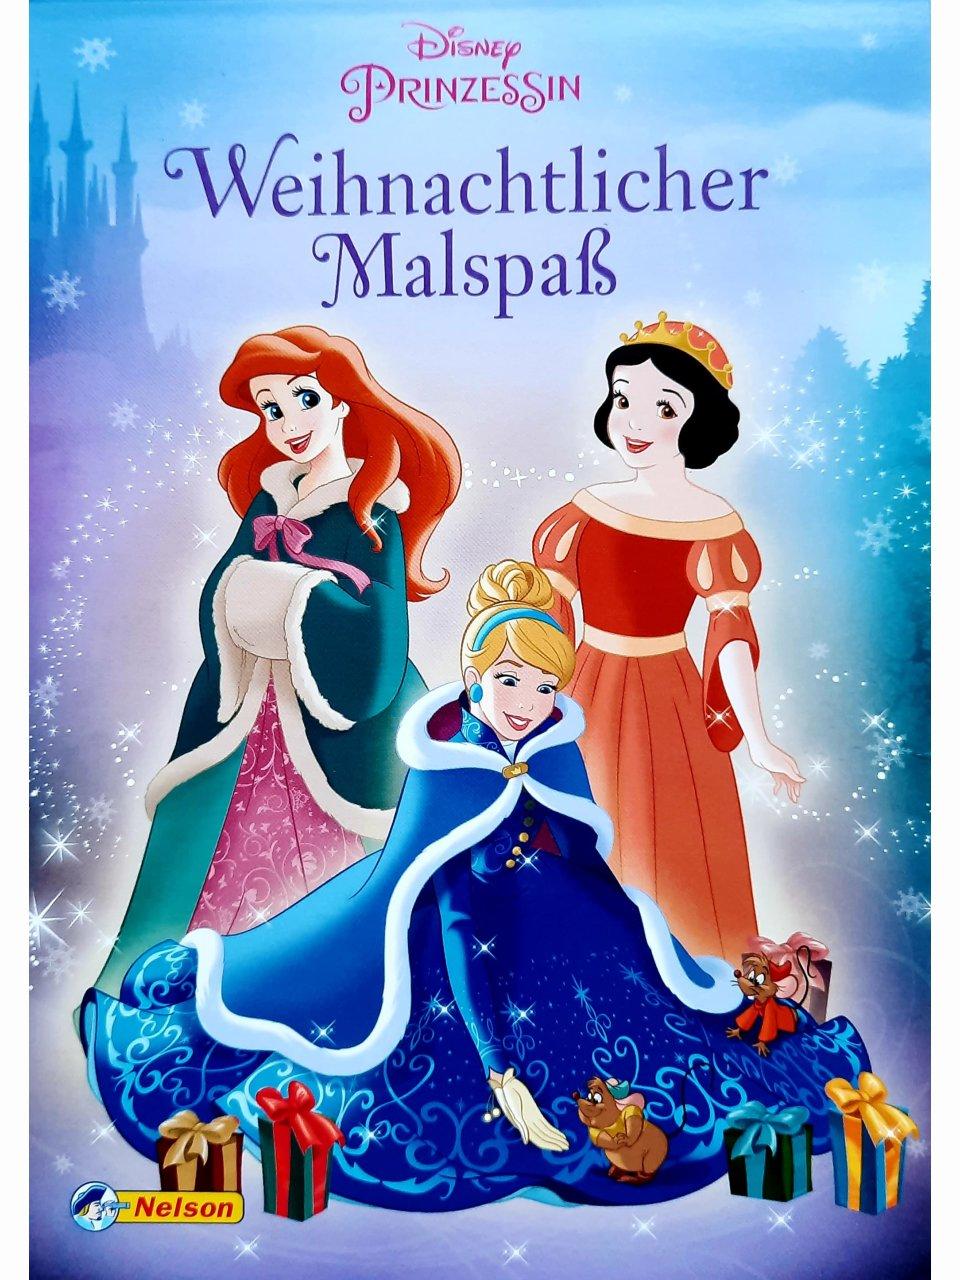 Disney Prinzessin - Weihnachtlicher Malspaß